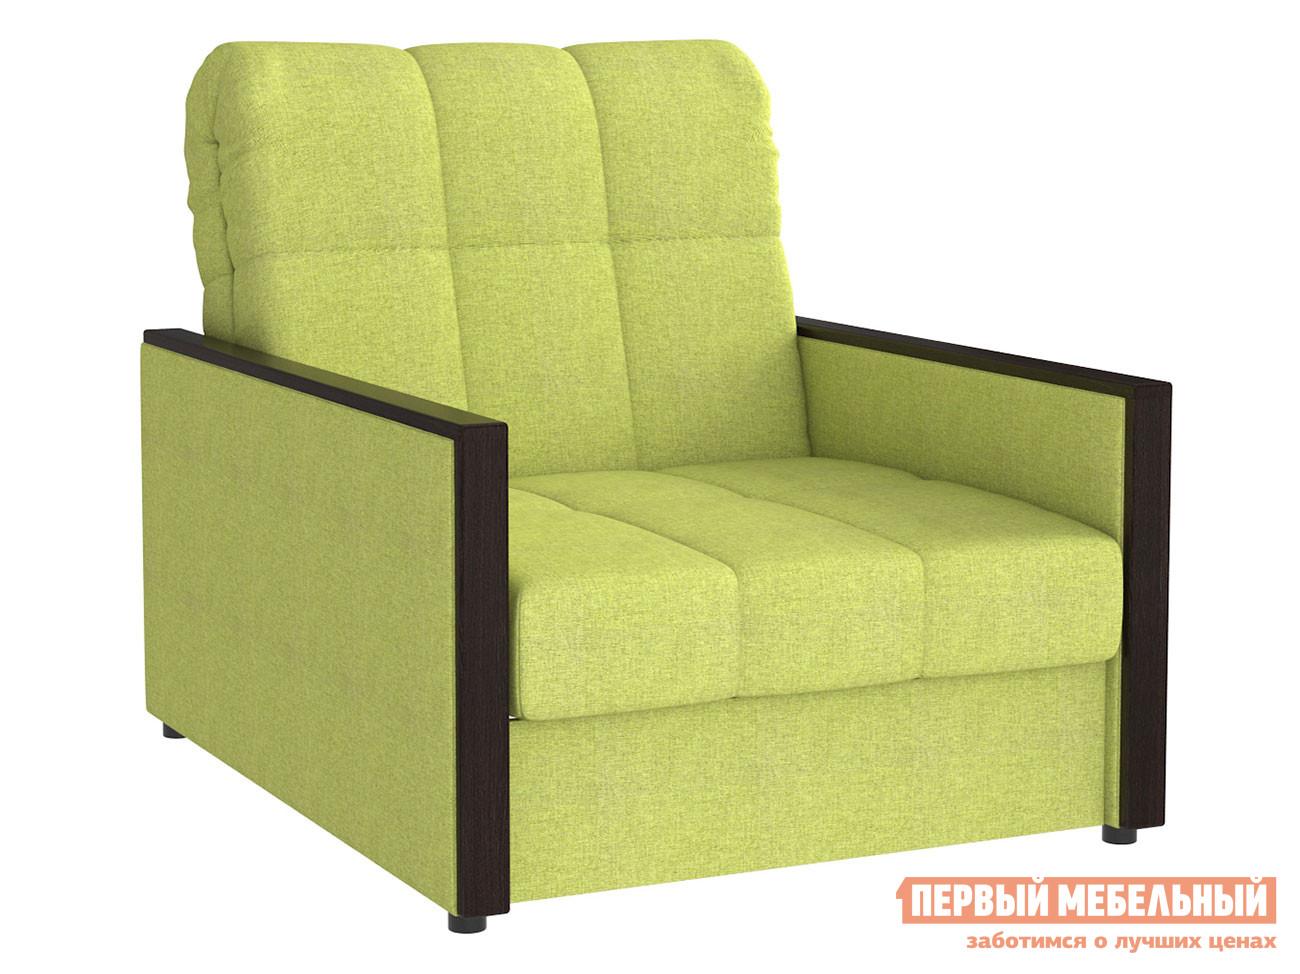 Кресло-кровать Первый Мебельный Кресло-кровать Орион Люкс